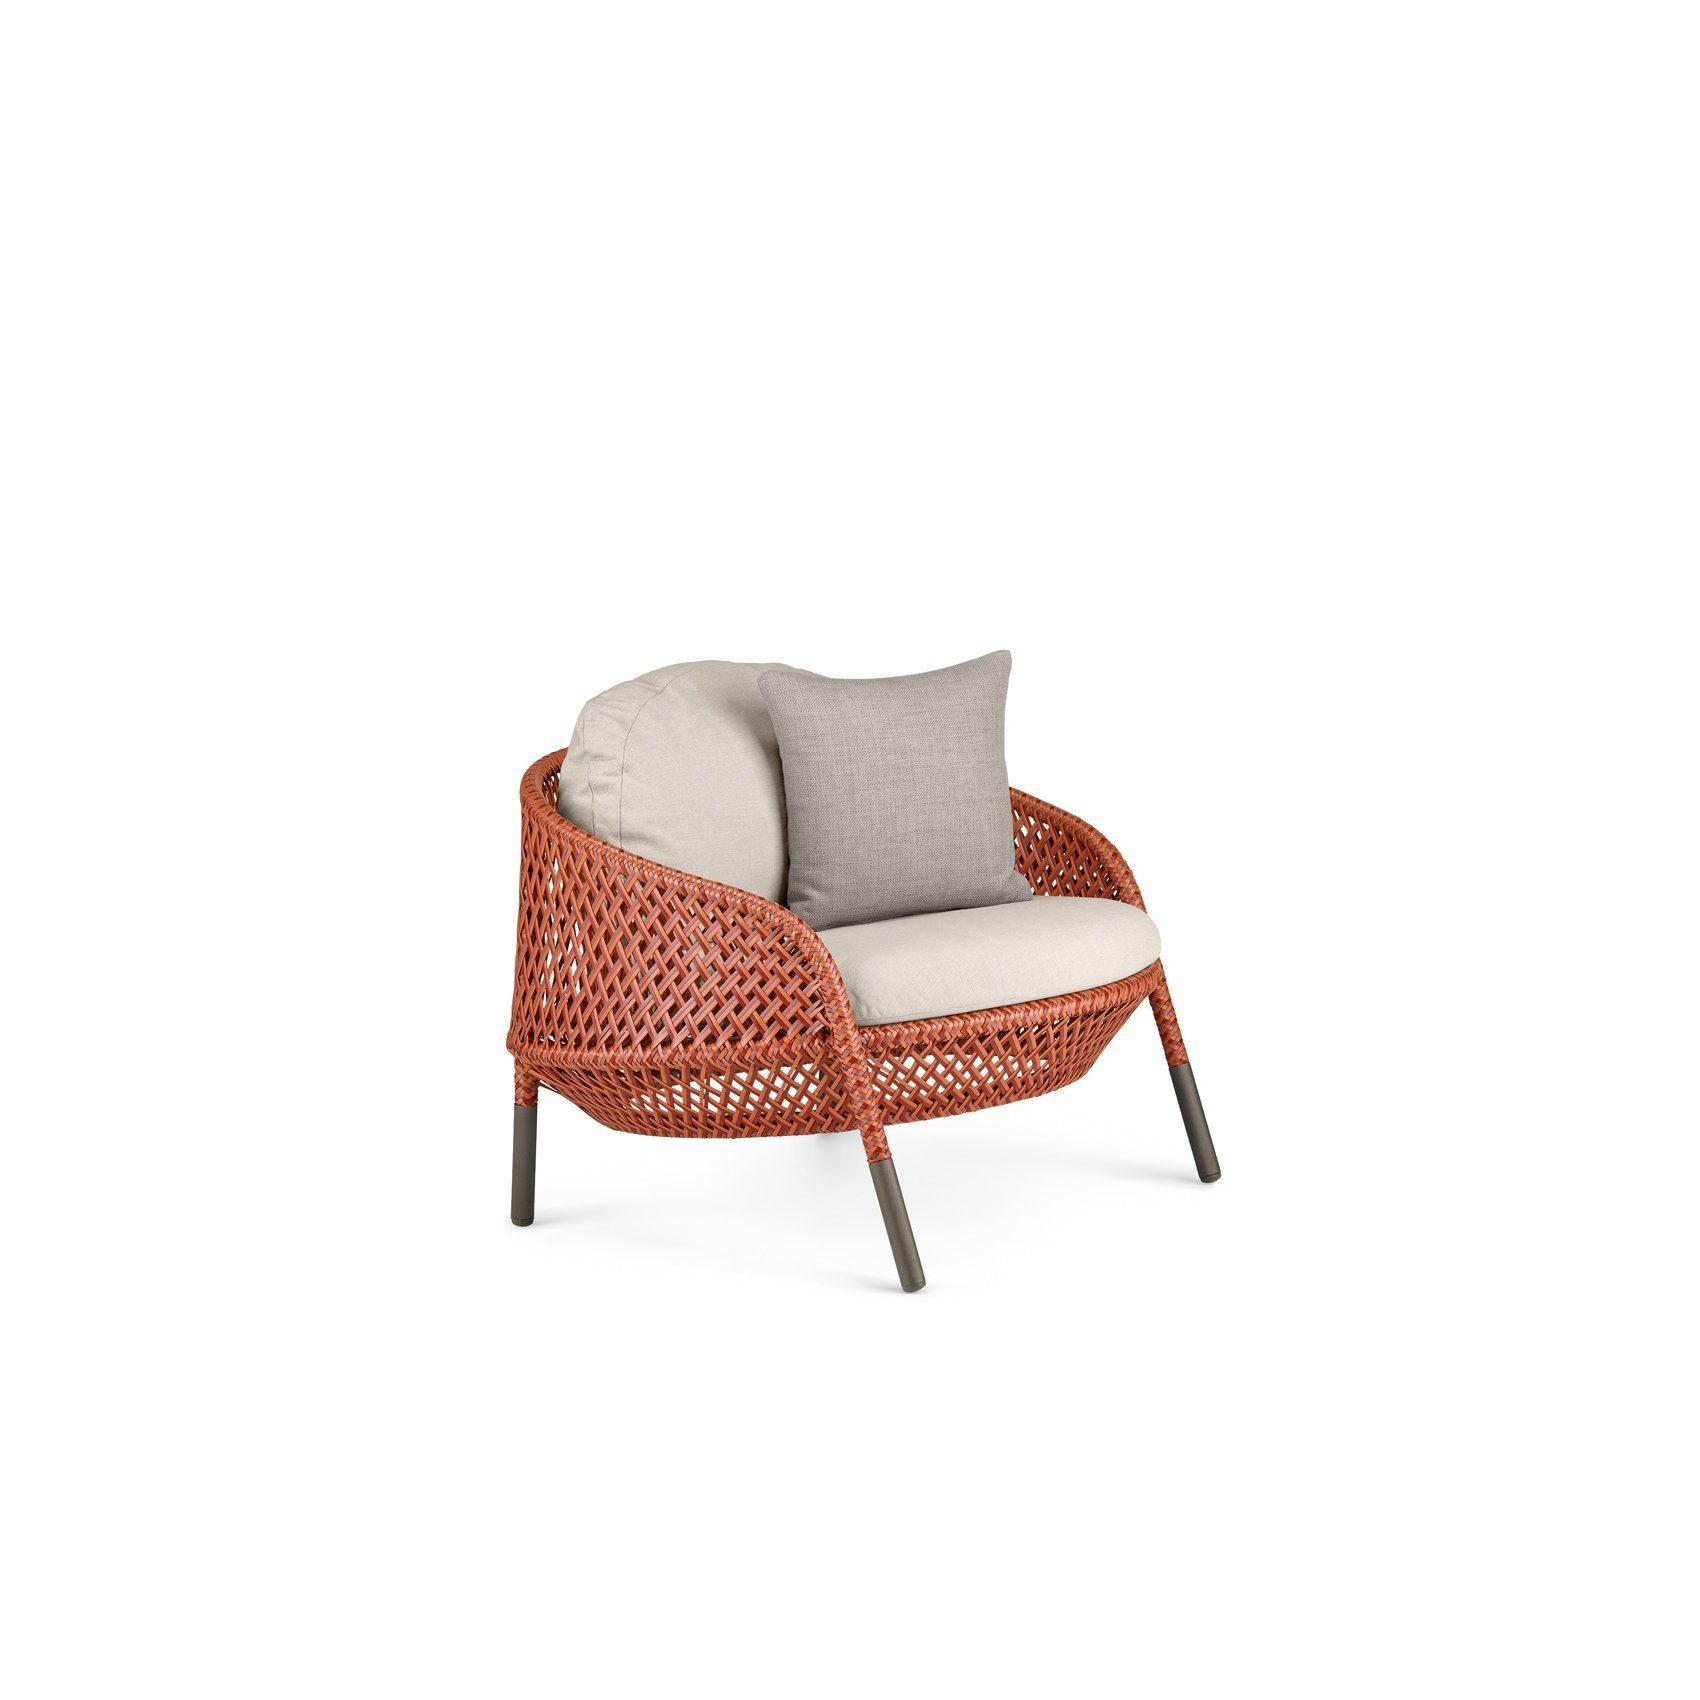 dedon r ckenkissen f r hochlehner und loungesessel ahnda. Black Bedroom Furniture Sets. Home Design Ideas